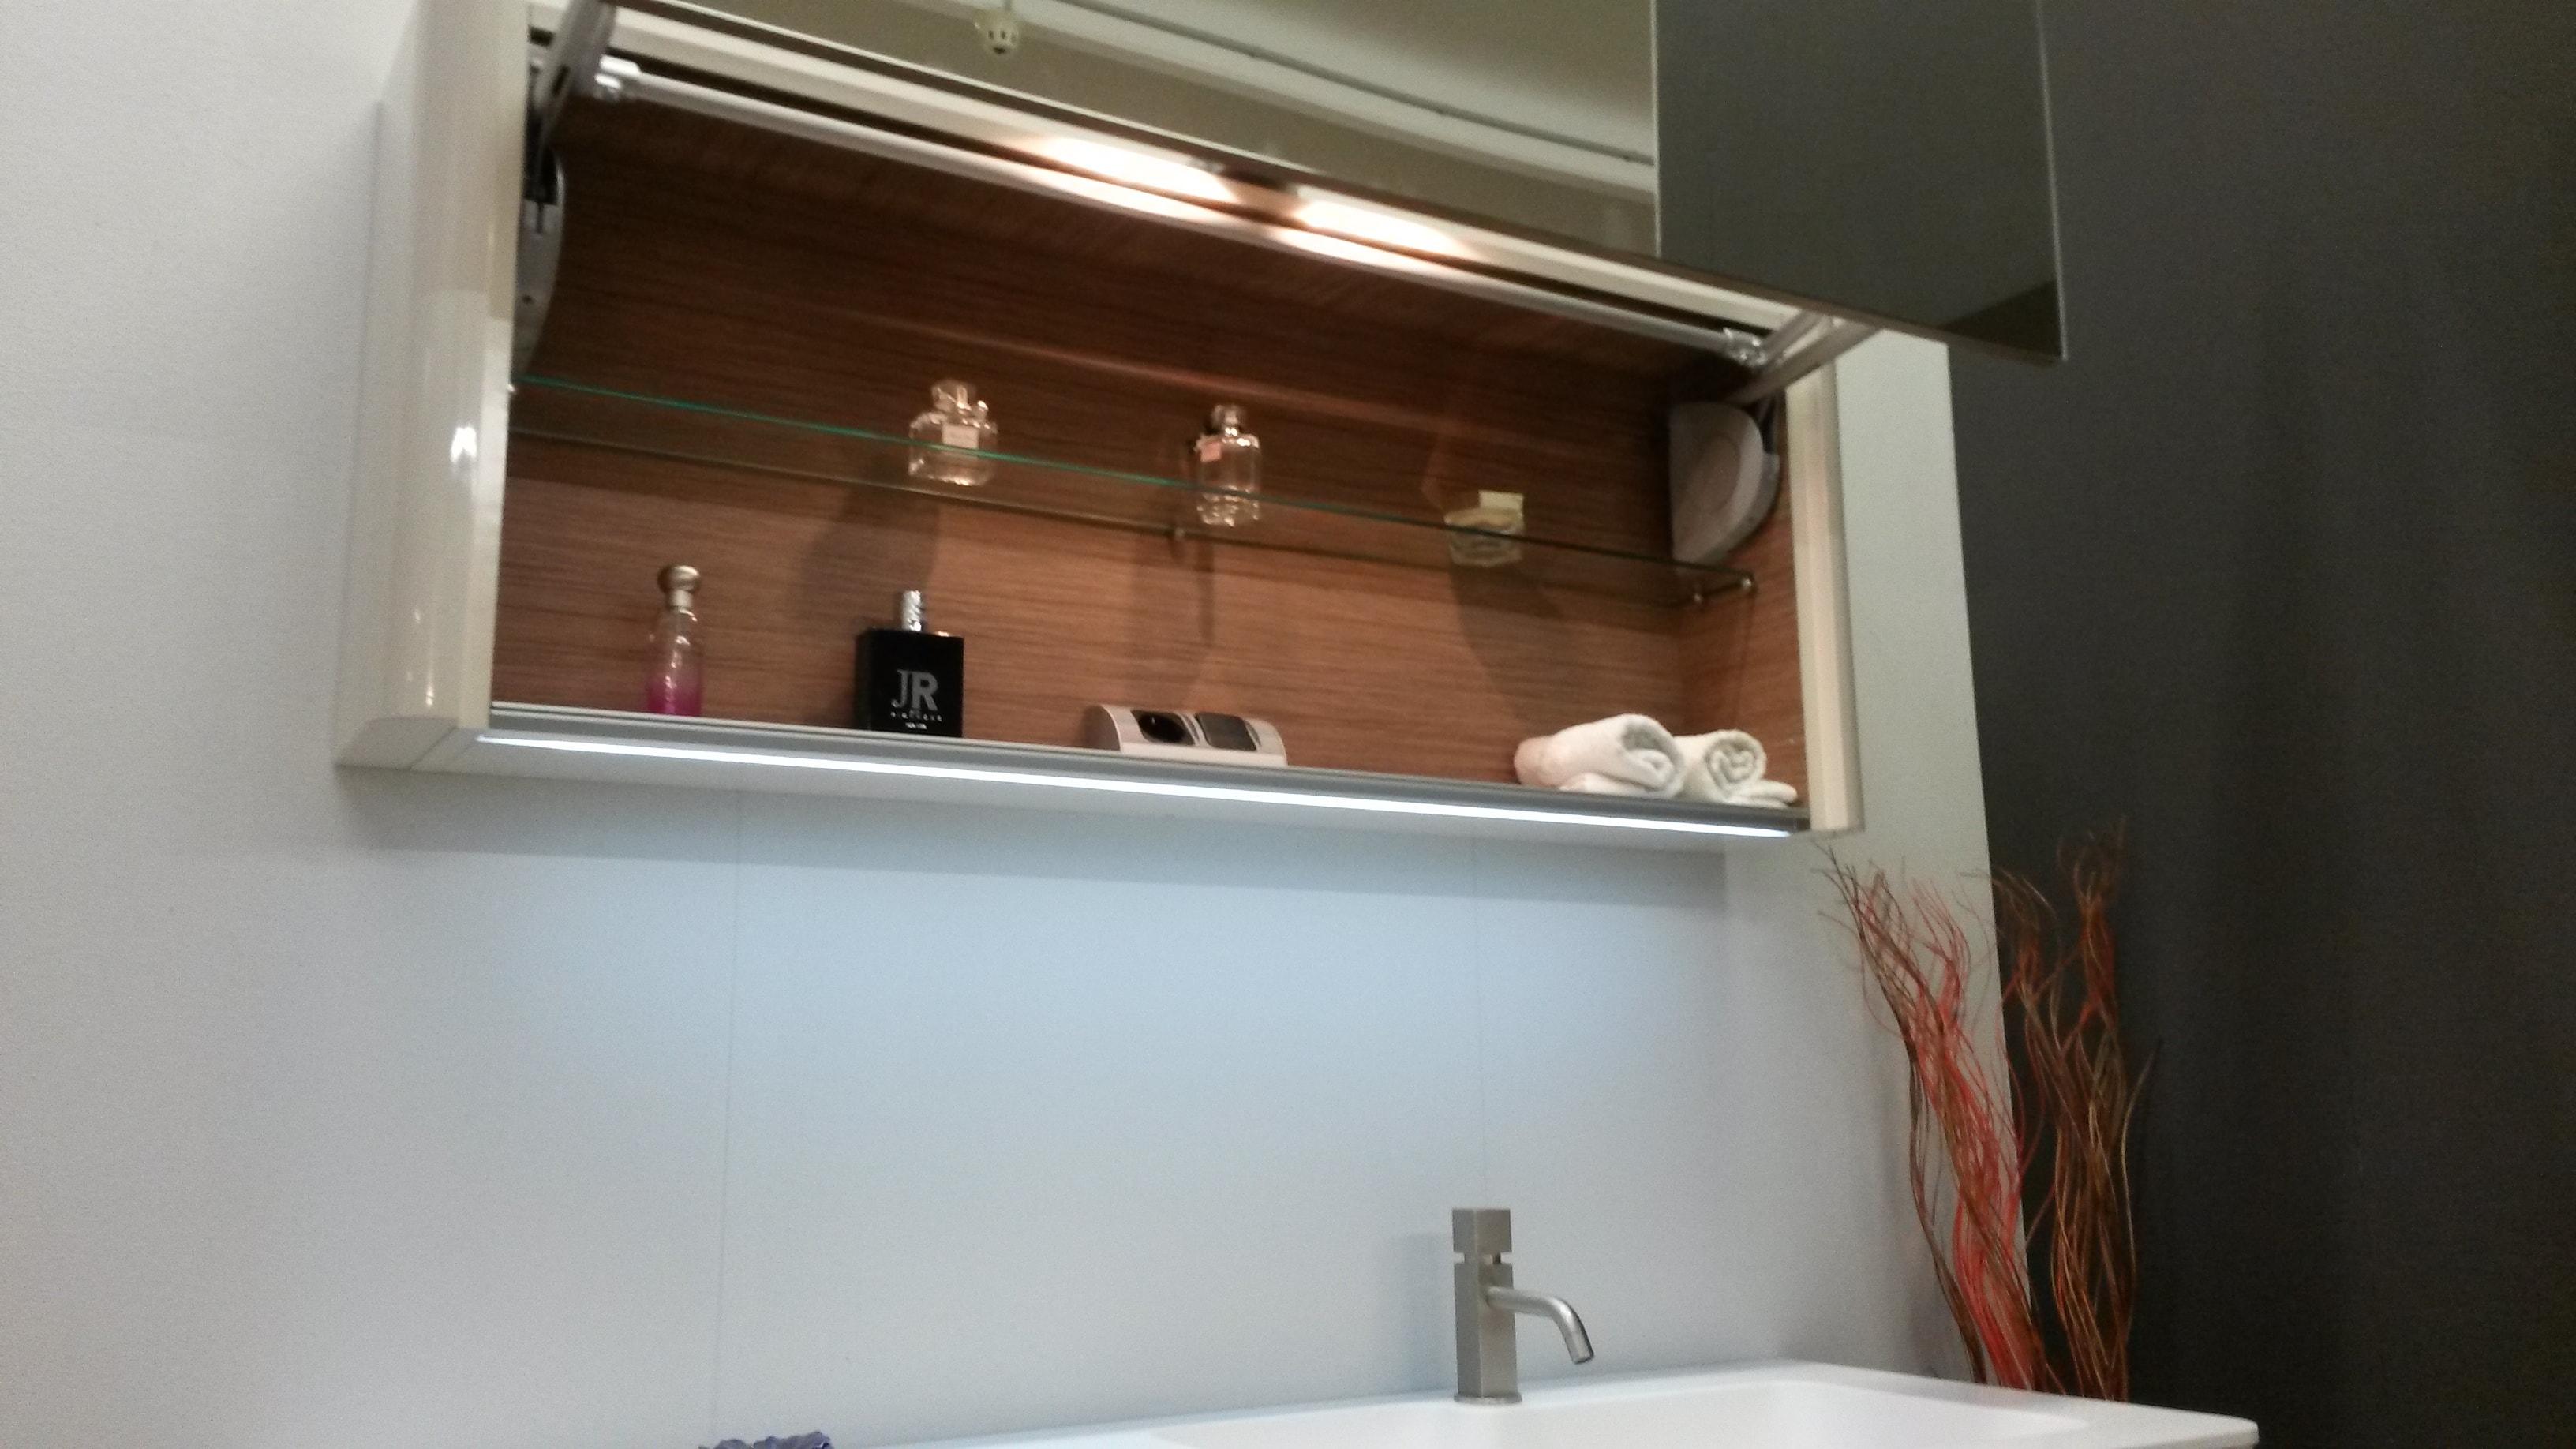 Idea group seventy laccato lucido arredo bagno a prezzi - Specchio romantico riflessi prezzo ...